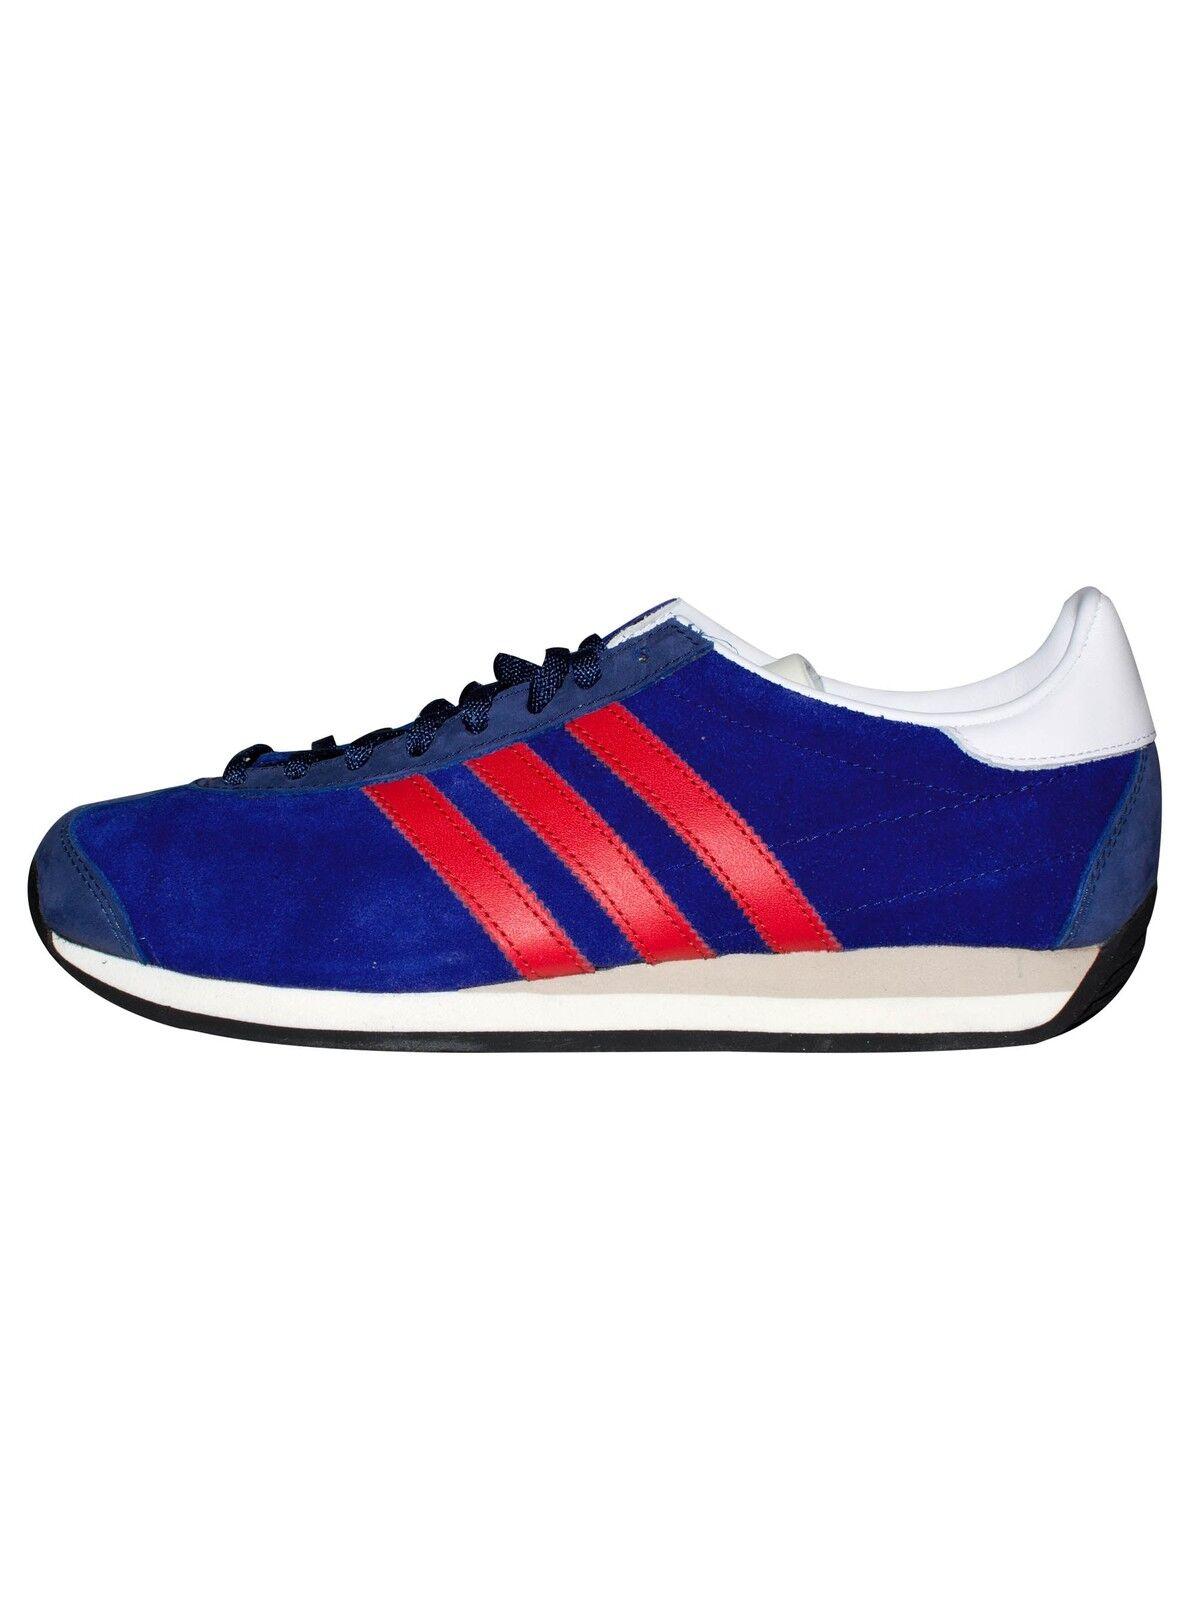 Los últimos zapatos de descuento para hombres y mujeres Adidas Originals Country og azul y rojo entrenador